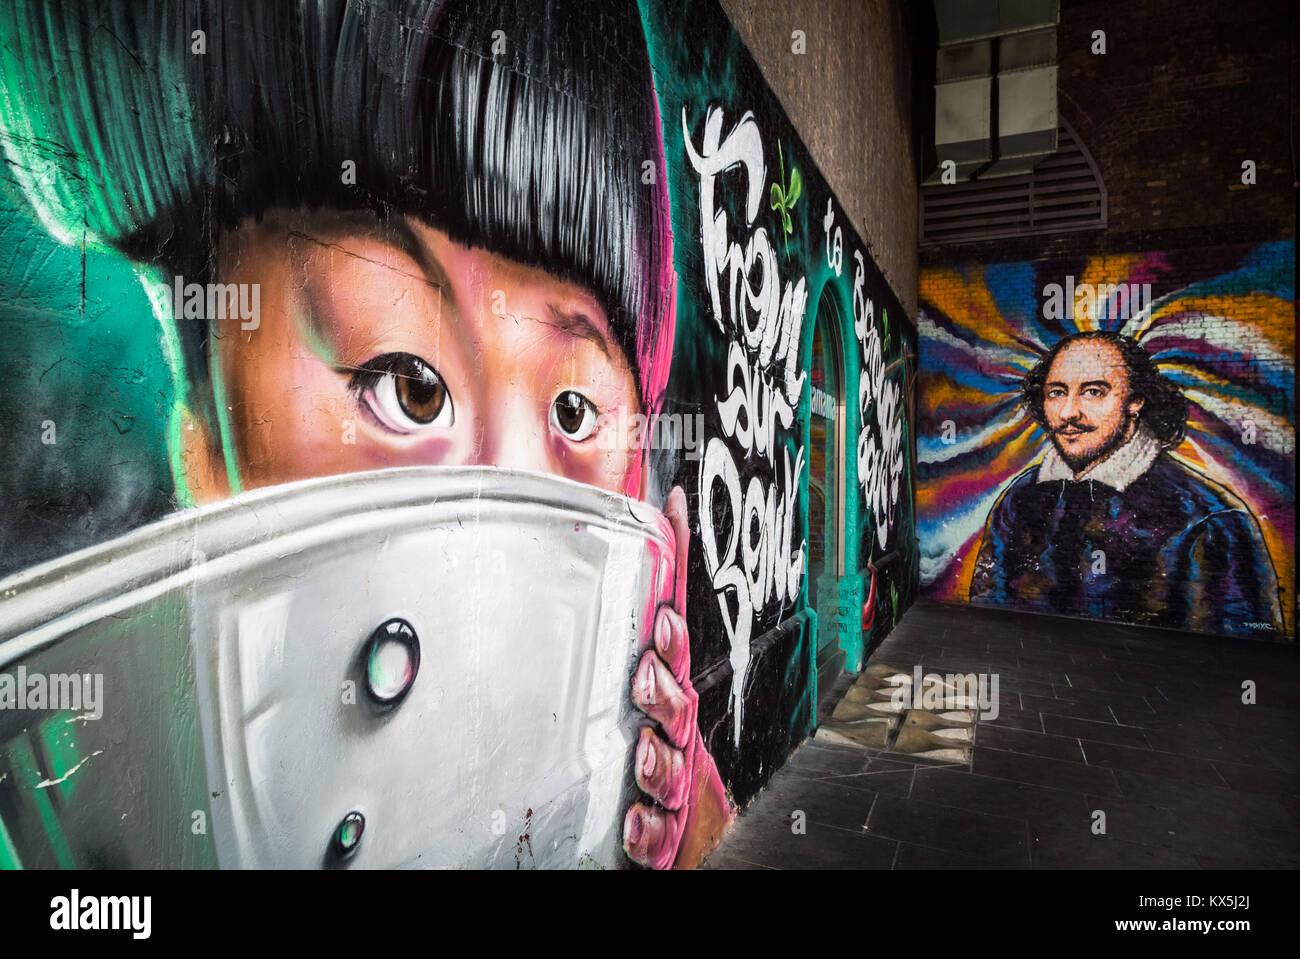 Wagamama restaurant Eingang und William Shakespeare Wandbild auf eine Mauer in den Knast Street, Southwark, London. Stockbild